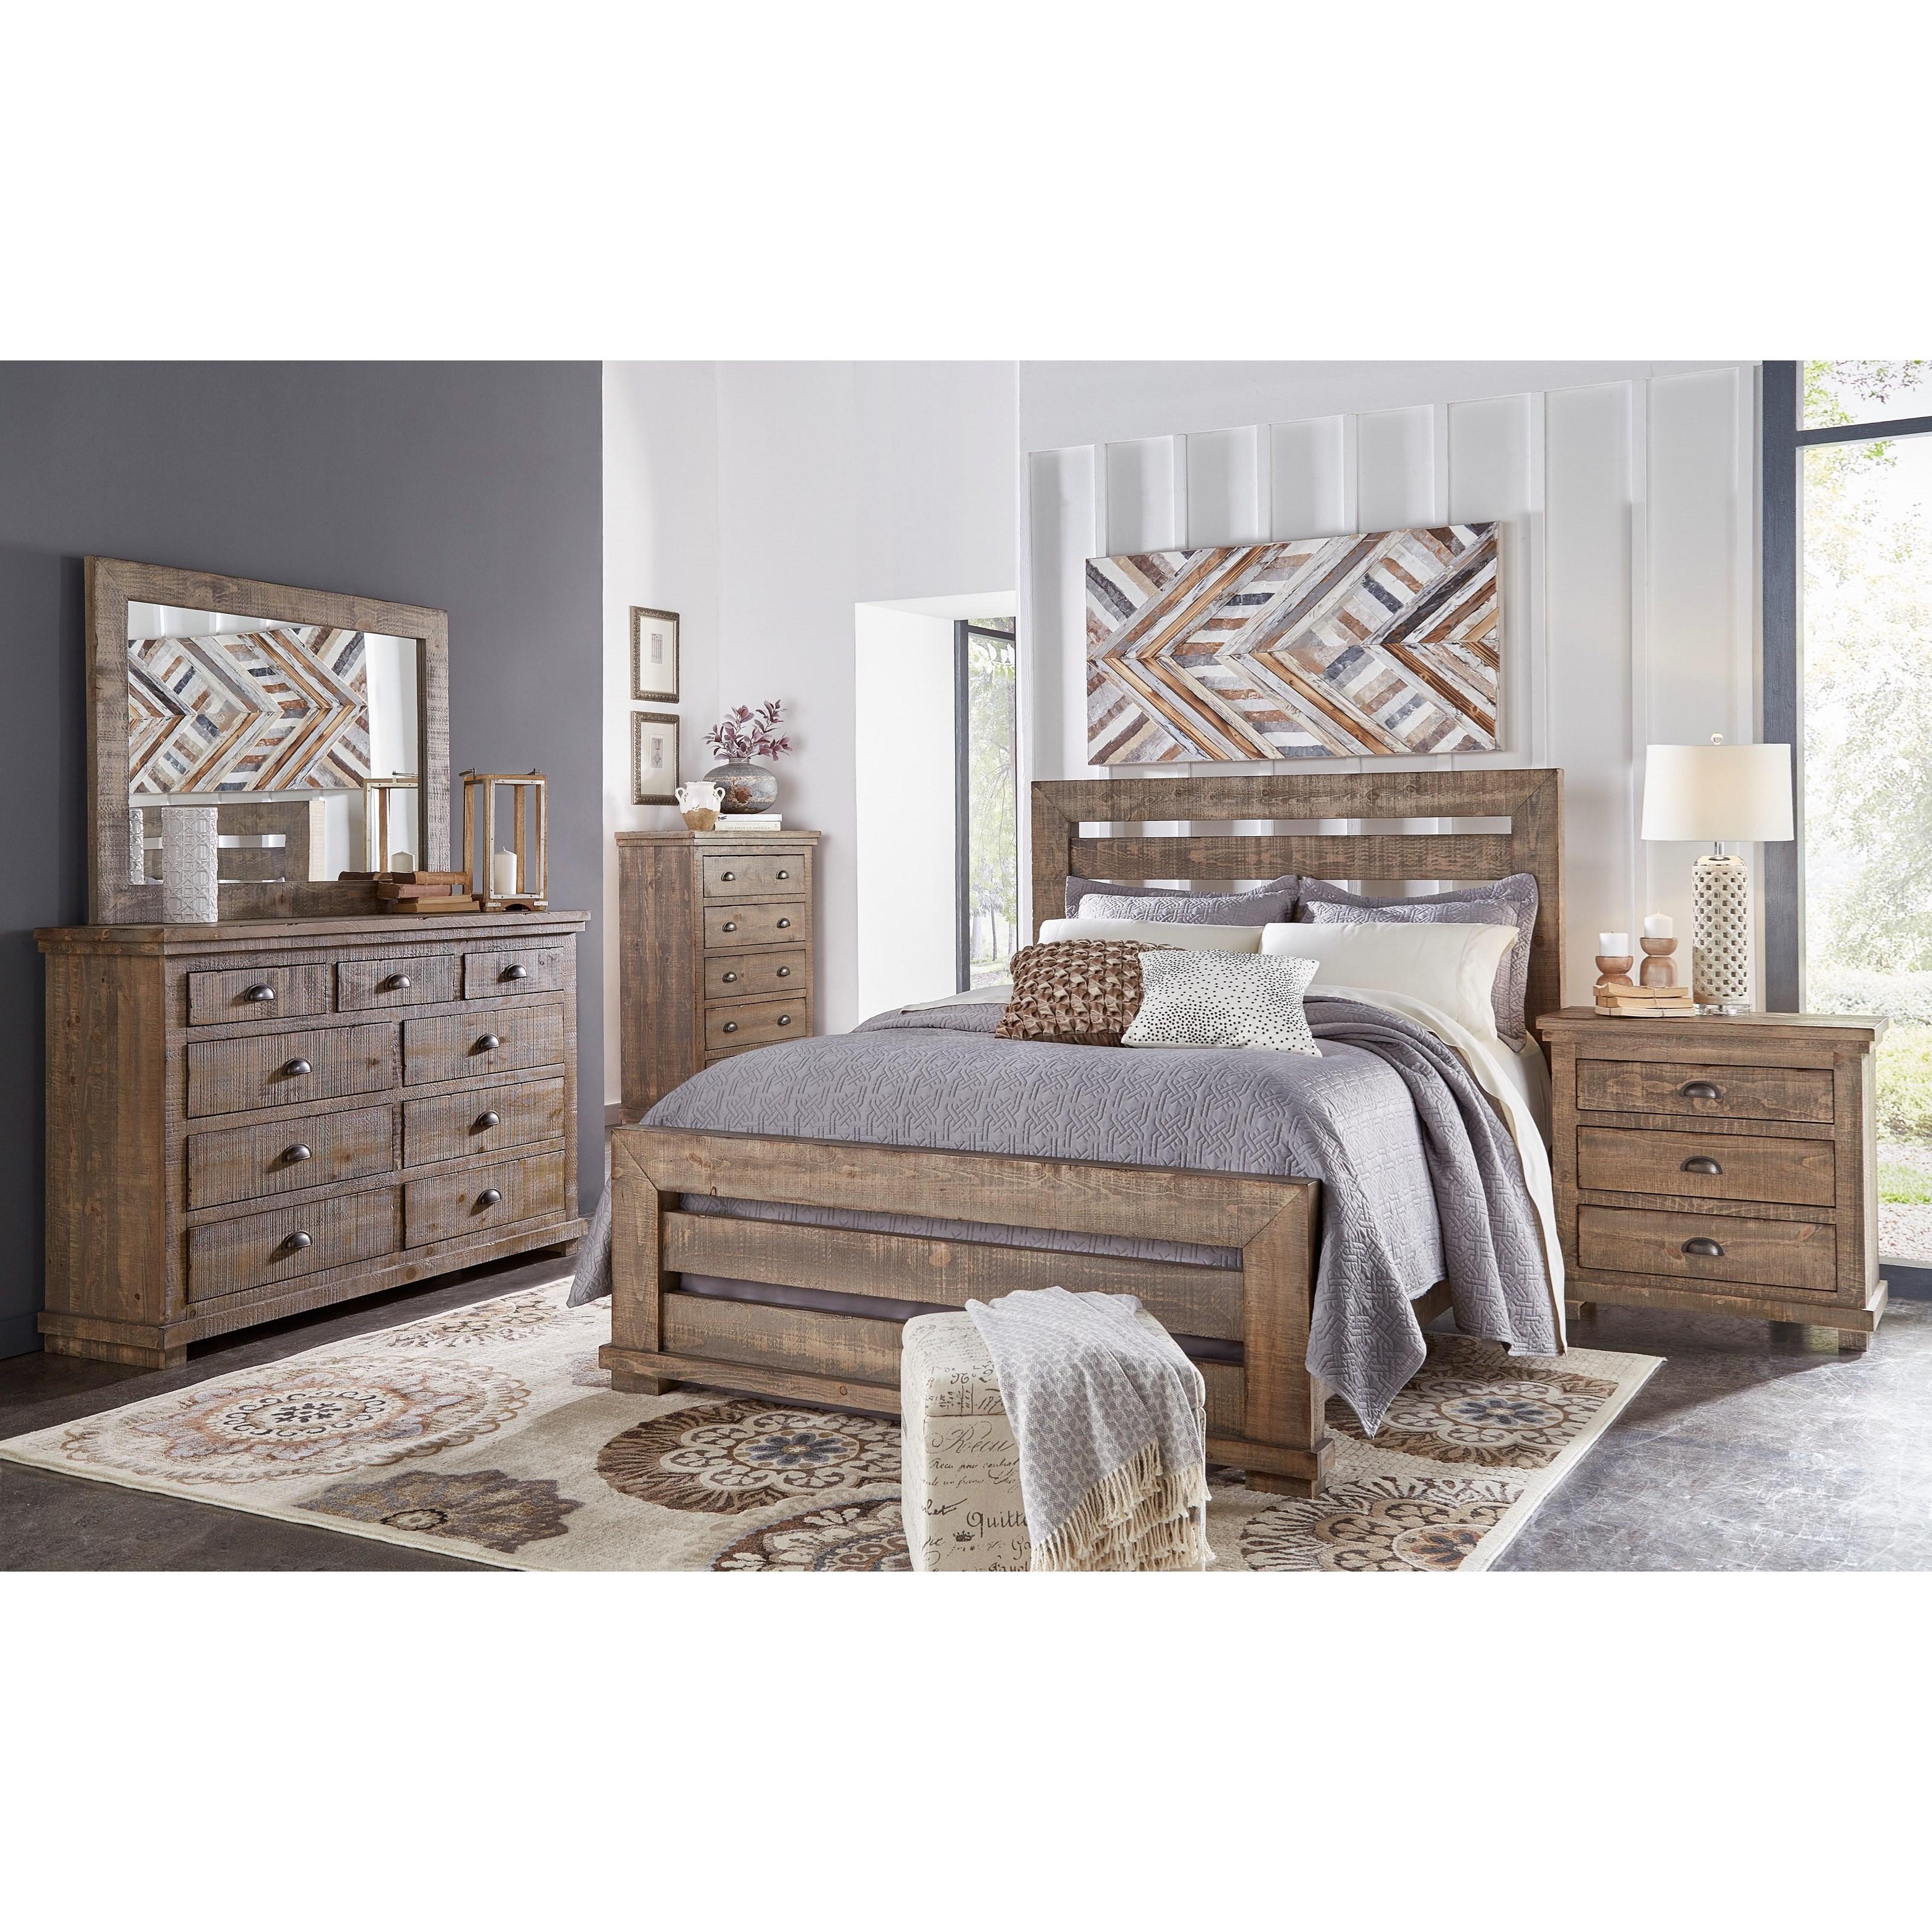 Progressive Furniture Willow Queen Bedroom Group Wayside Furniture Bedroom Groups